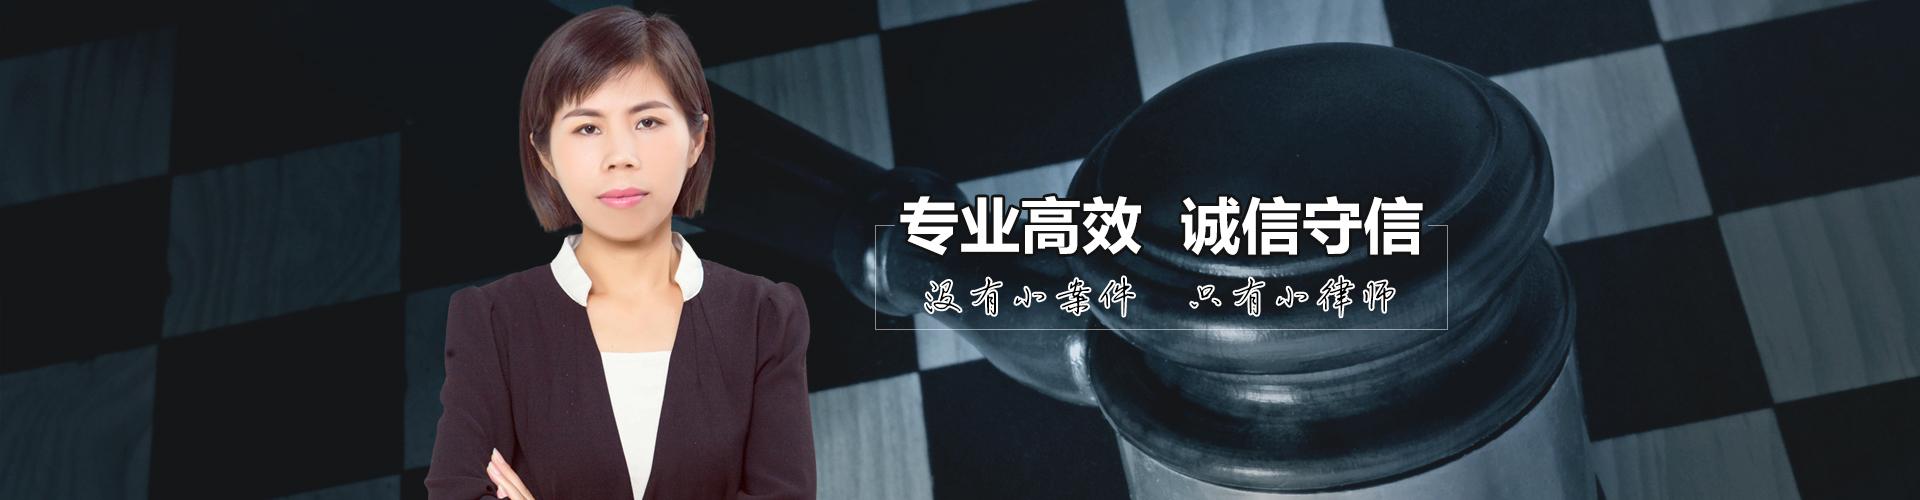 周艳军律师